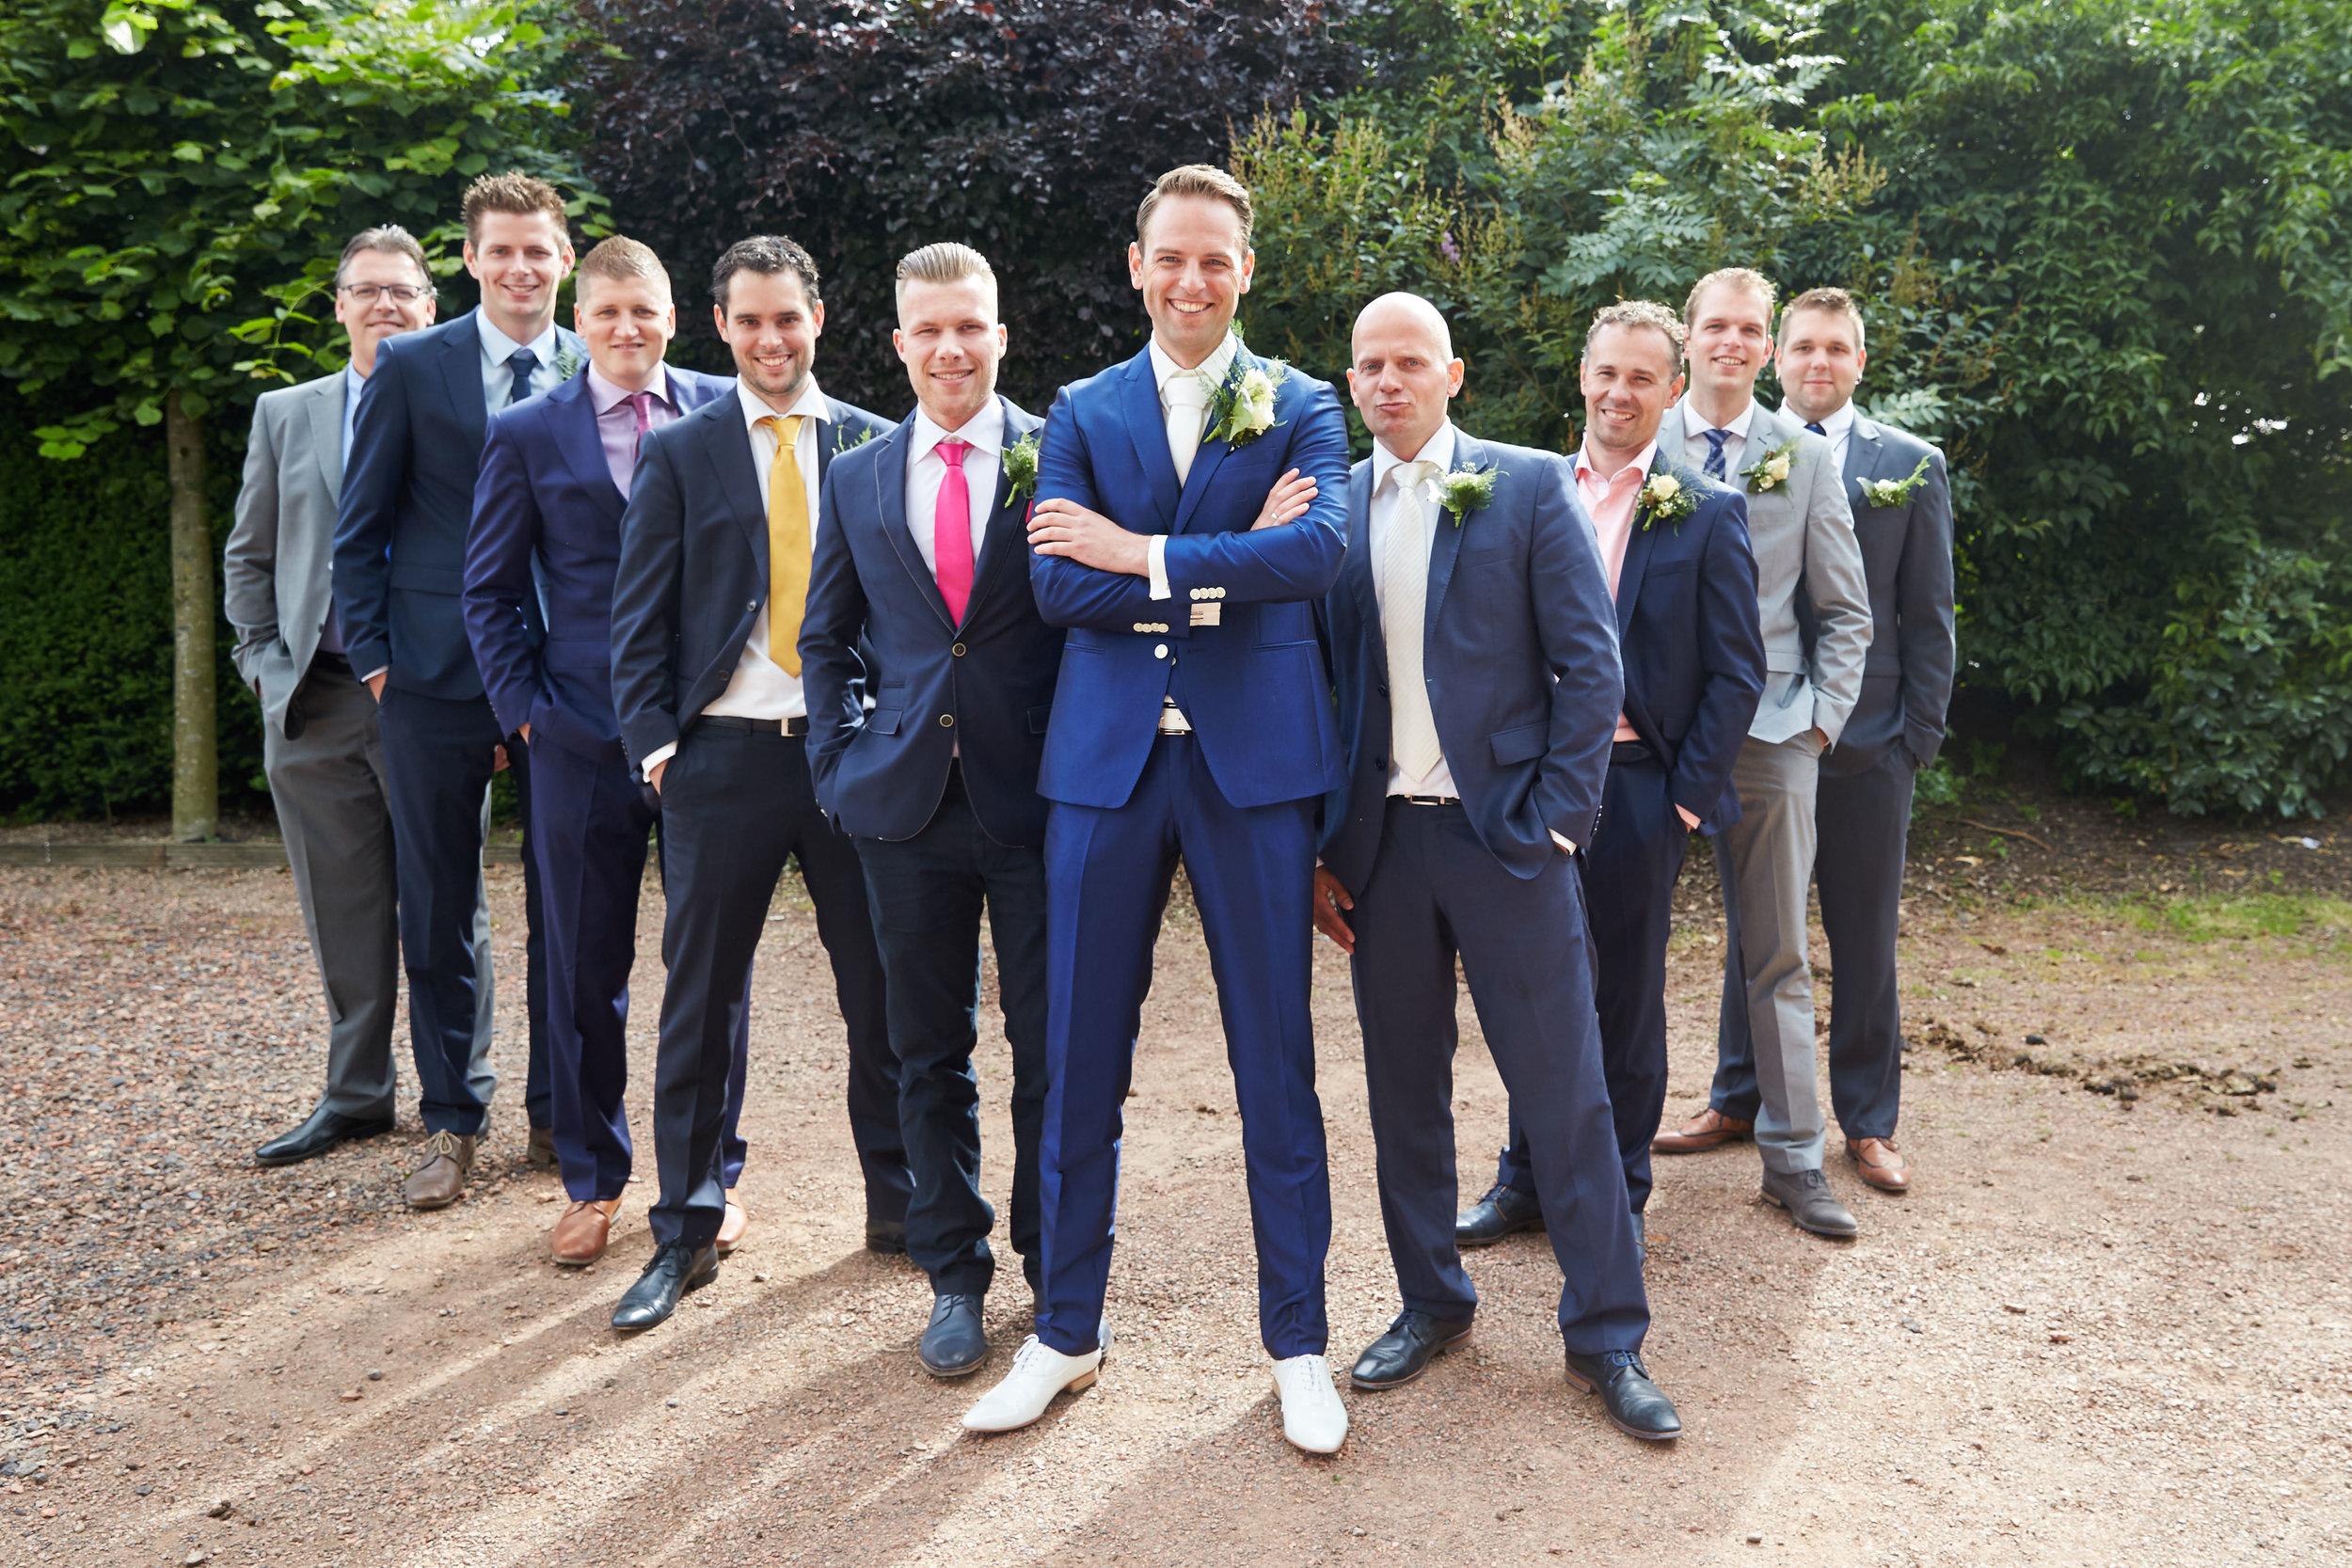 trouwshoot-bruidsfotografie-trouwfoto-feestfotografie-Trudy-Ron-67.jpg